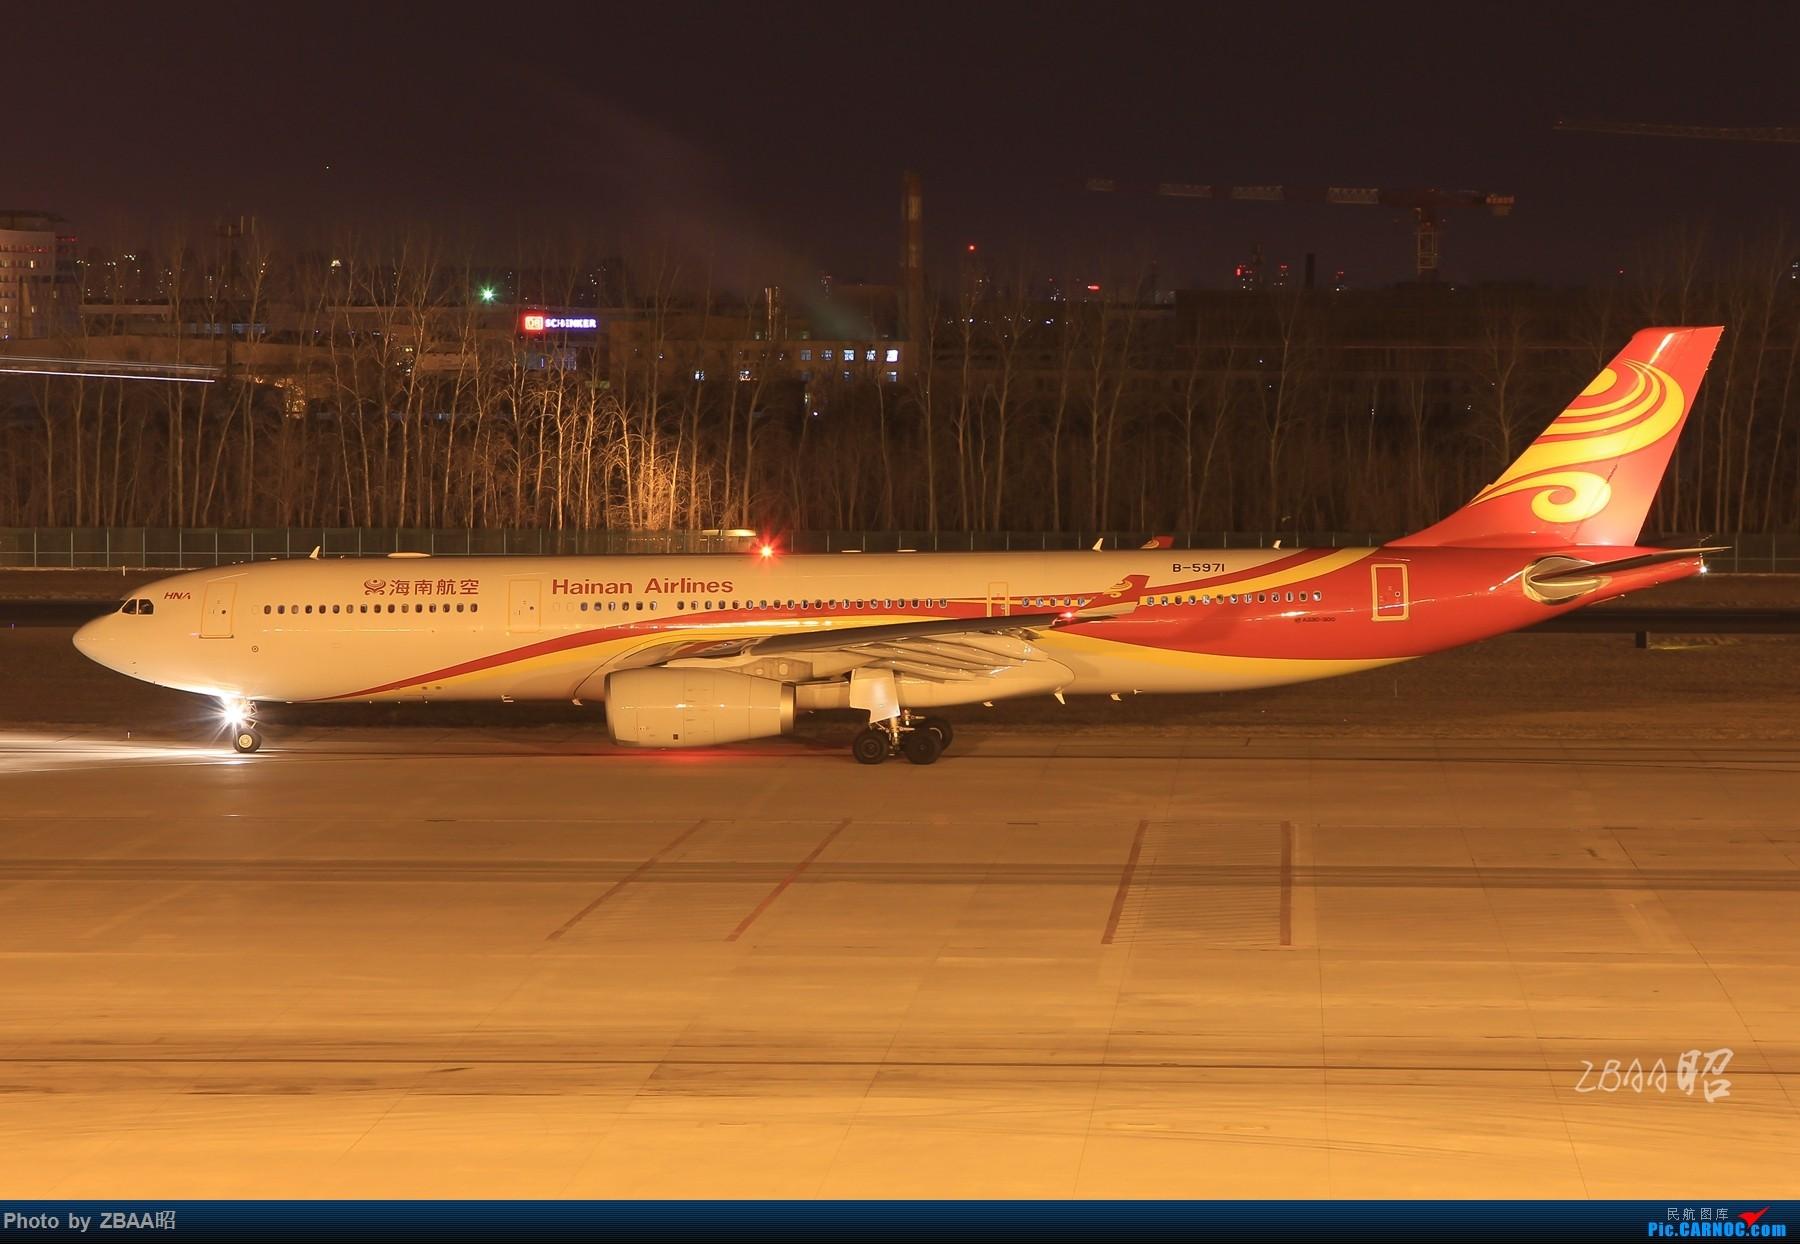 Re:[原创]飞友聚会后的独自疯狂,格林豪泰隔天怒打ZBAA 36L跑道,夜拍海航宽体机,寒风中坚守楼顶阵地 AIRBUS A330-300 B-5971 中国北京首都国际机场